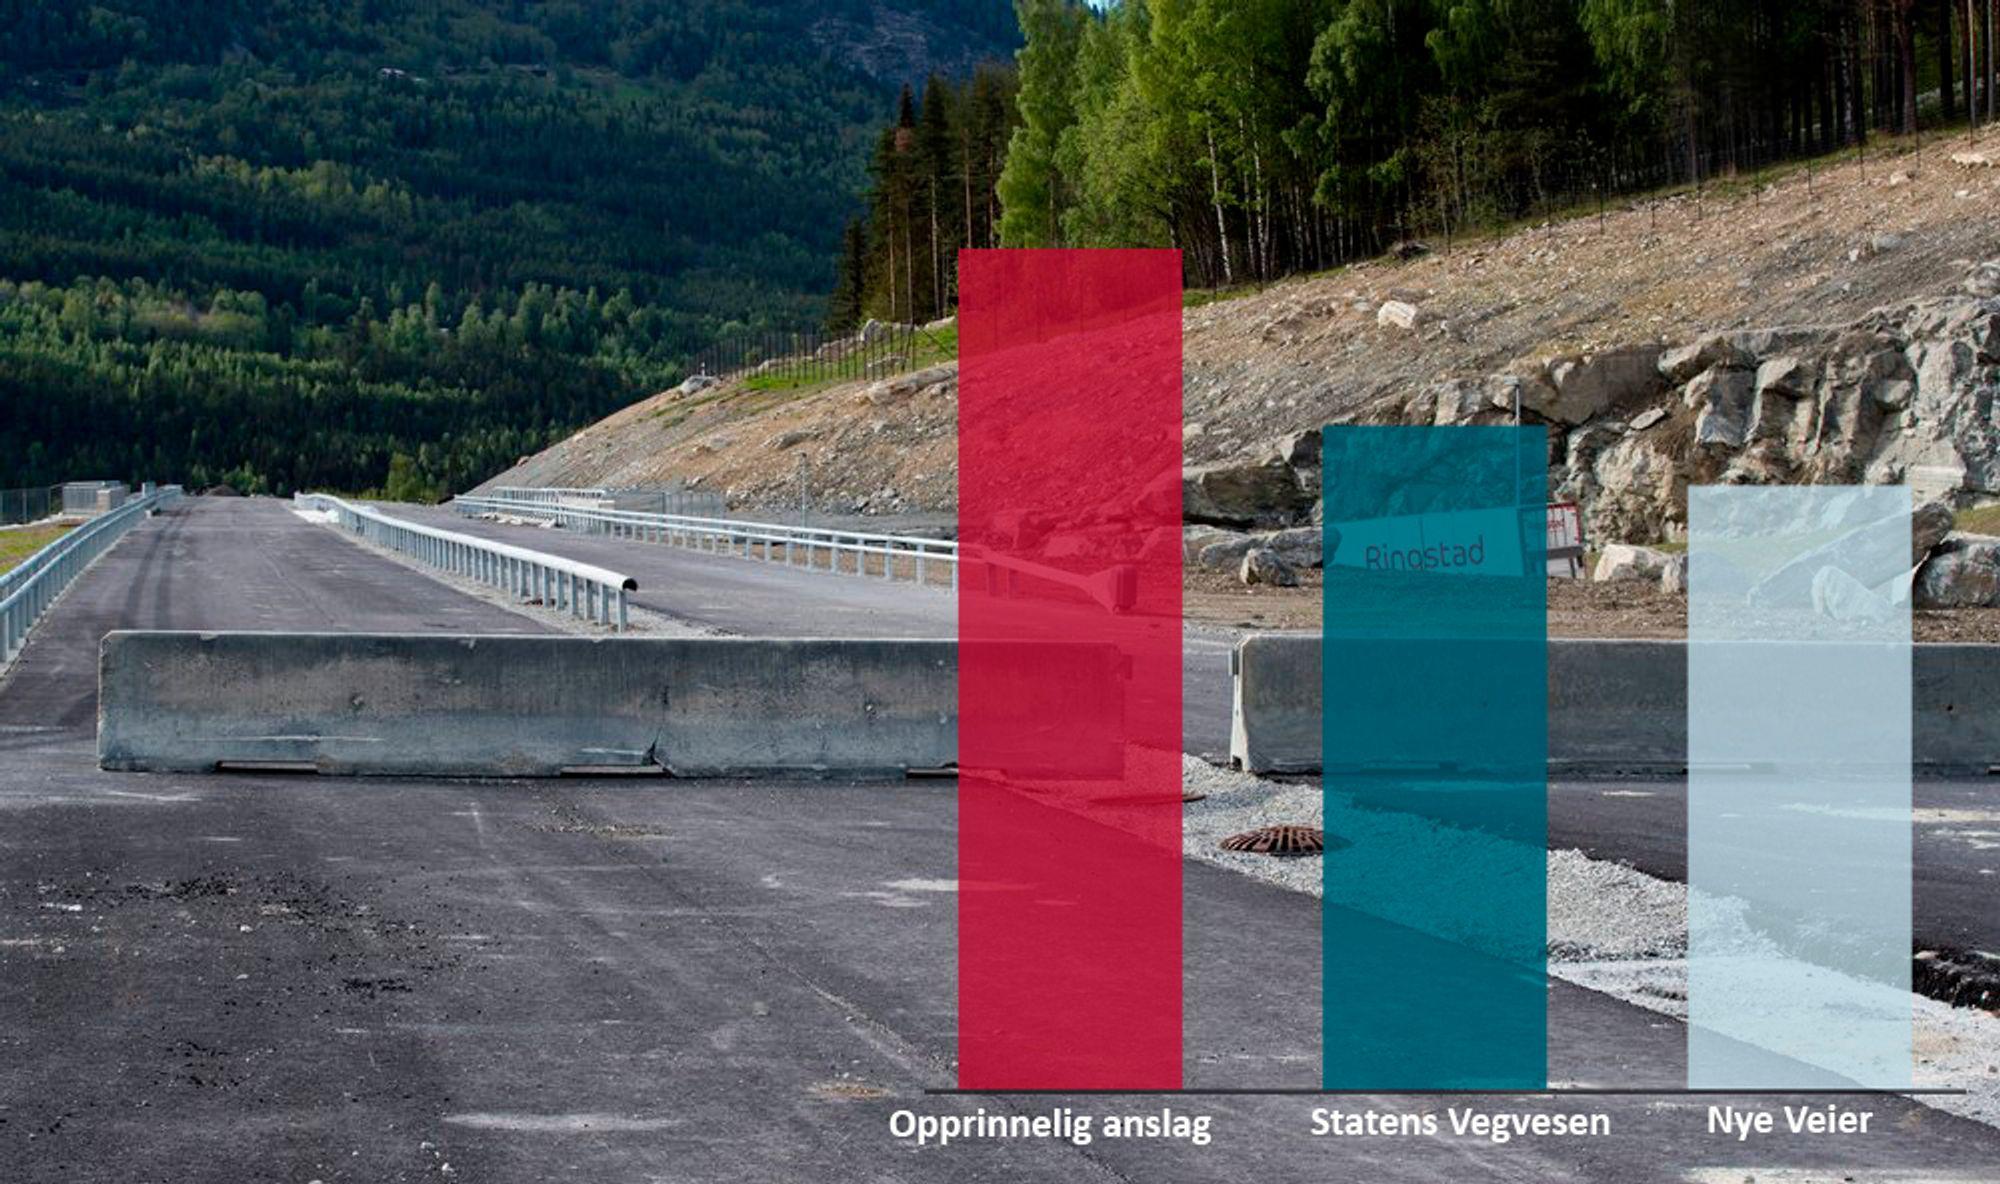 Opprinnelig skulle ny E16 mellom Slomarka og Nybakk i Akershus og Hedmark koste 7,1 milliarder kroner. Etter å ha sett på muligheten for kutt av kostnadene er Statens Vegvesen nede på mellom 5,3 og 5,6 milliarder kroner, og Nye Veier på mellom 6,1 og 5,1 milliarder.